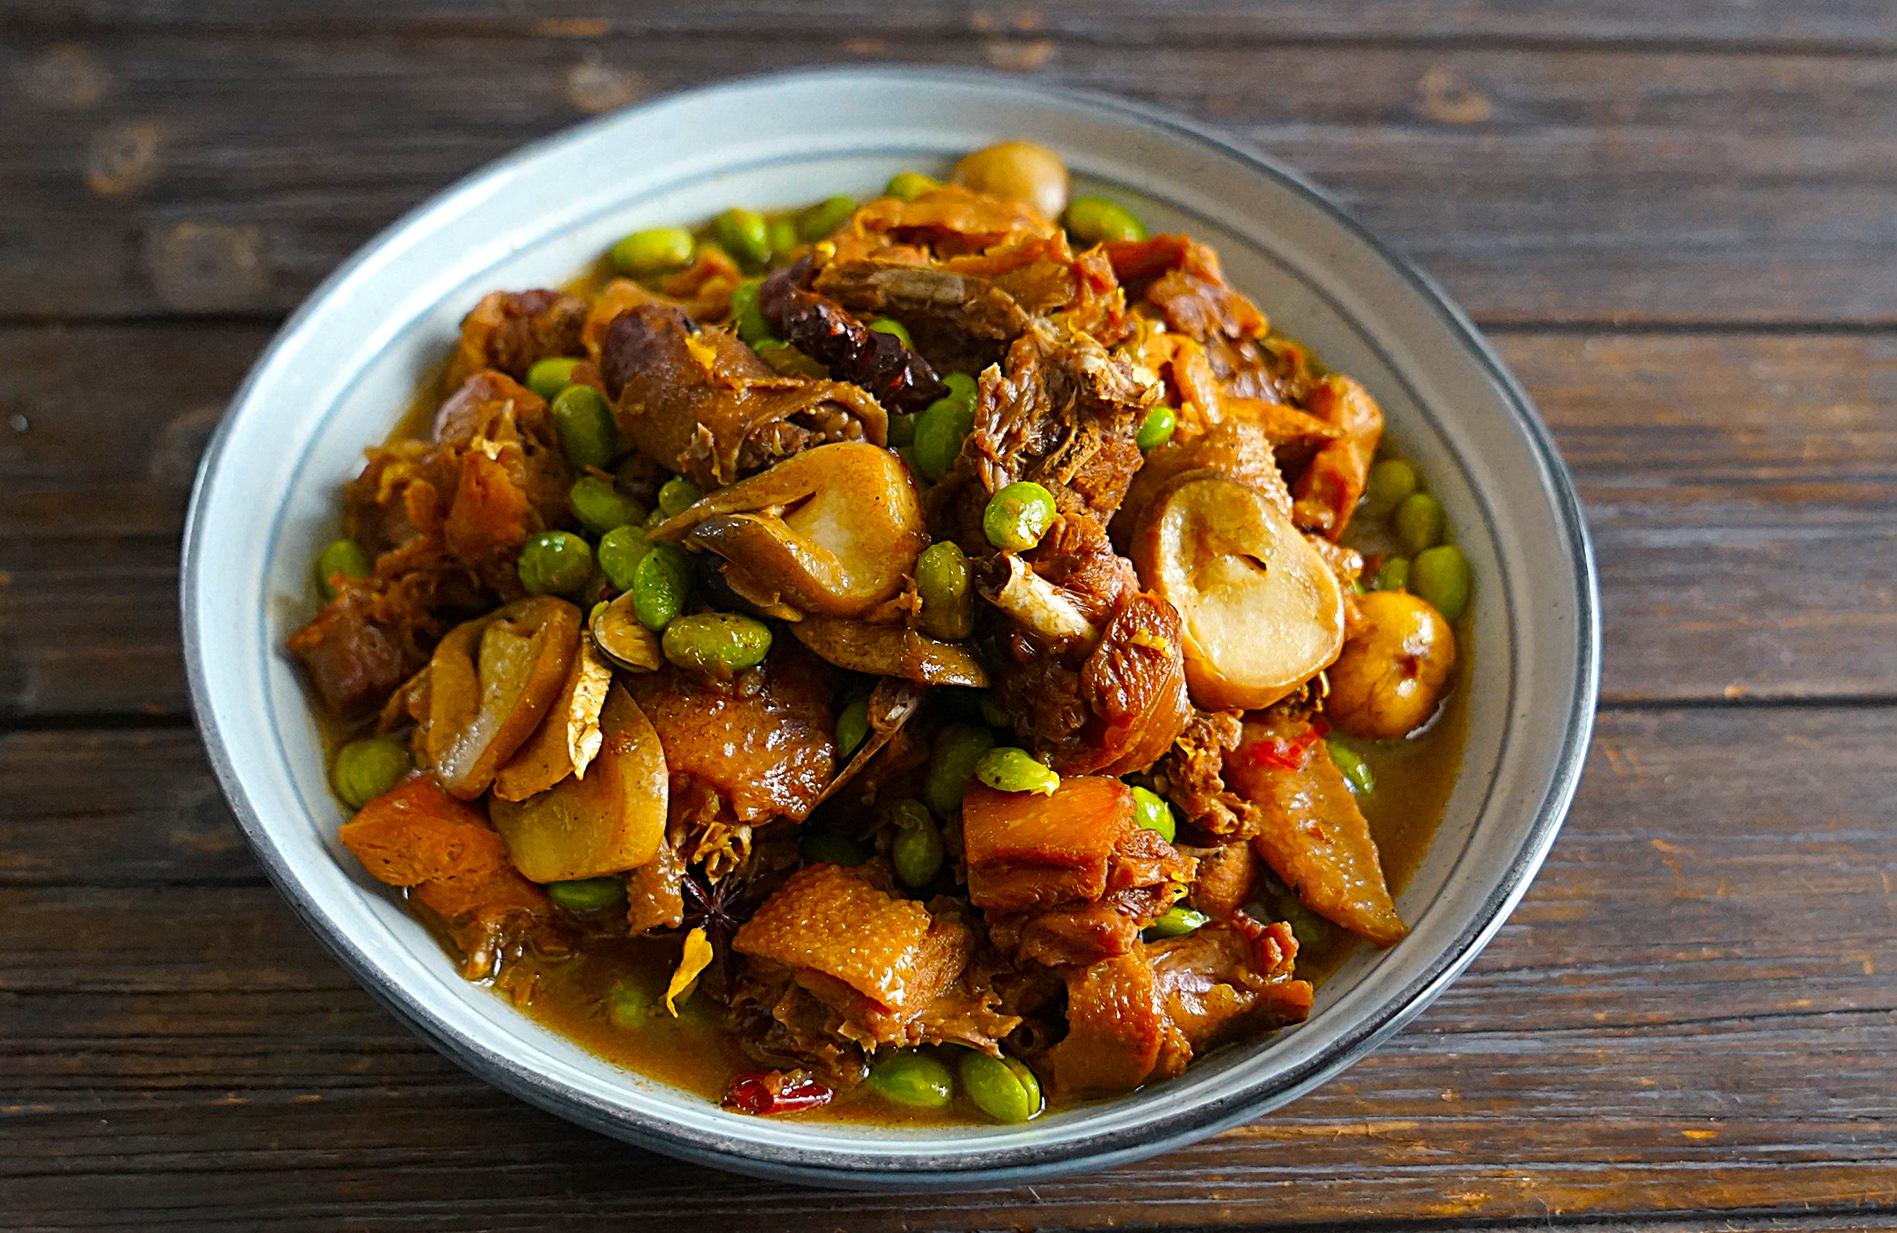 五一,弟媳妇下厨做了5菜1汤,精致又美味,网友被馋到流口水 美食做法 第5张